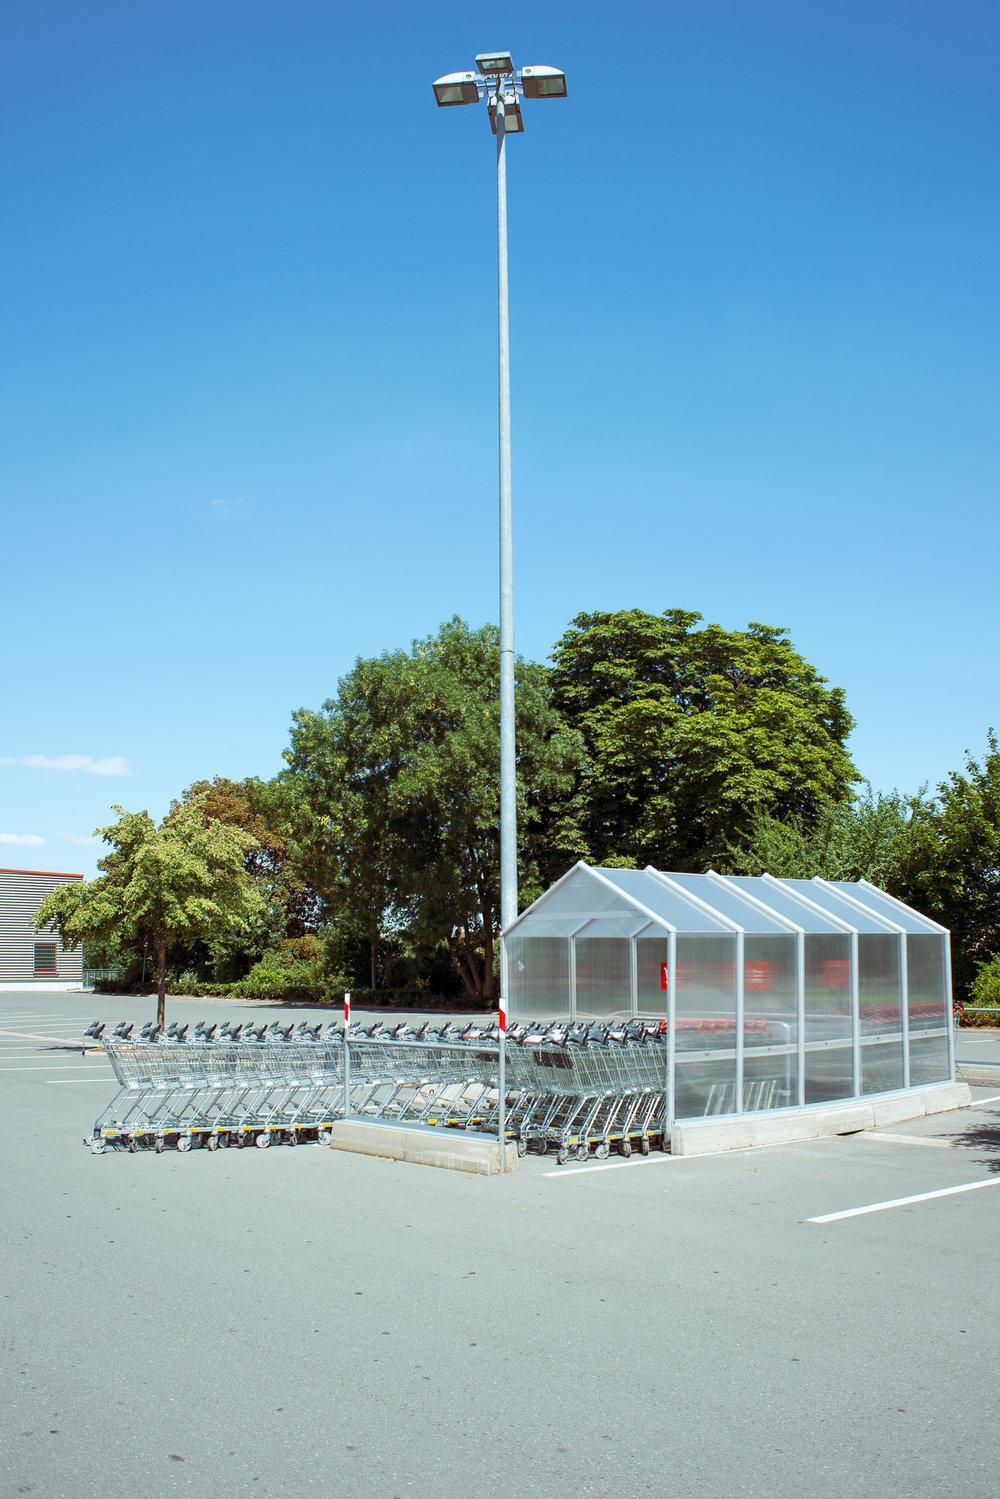 Supermarkt-Parkplatz_Kaufland_20180708_0293_2500px.jpg